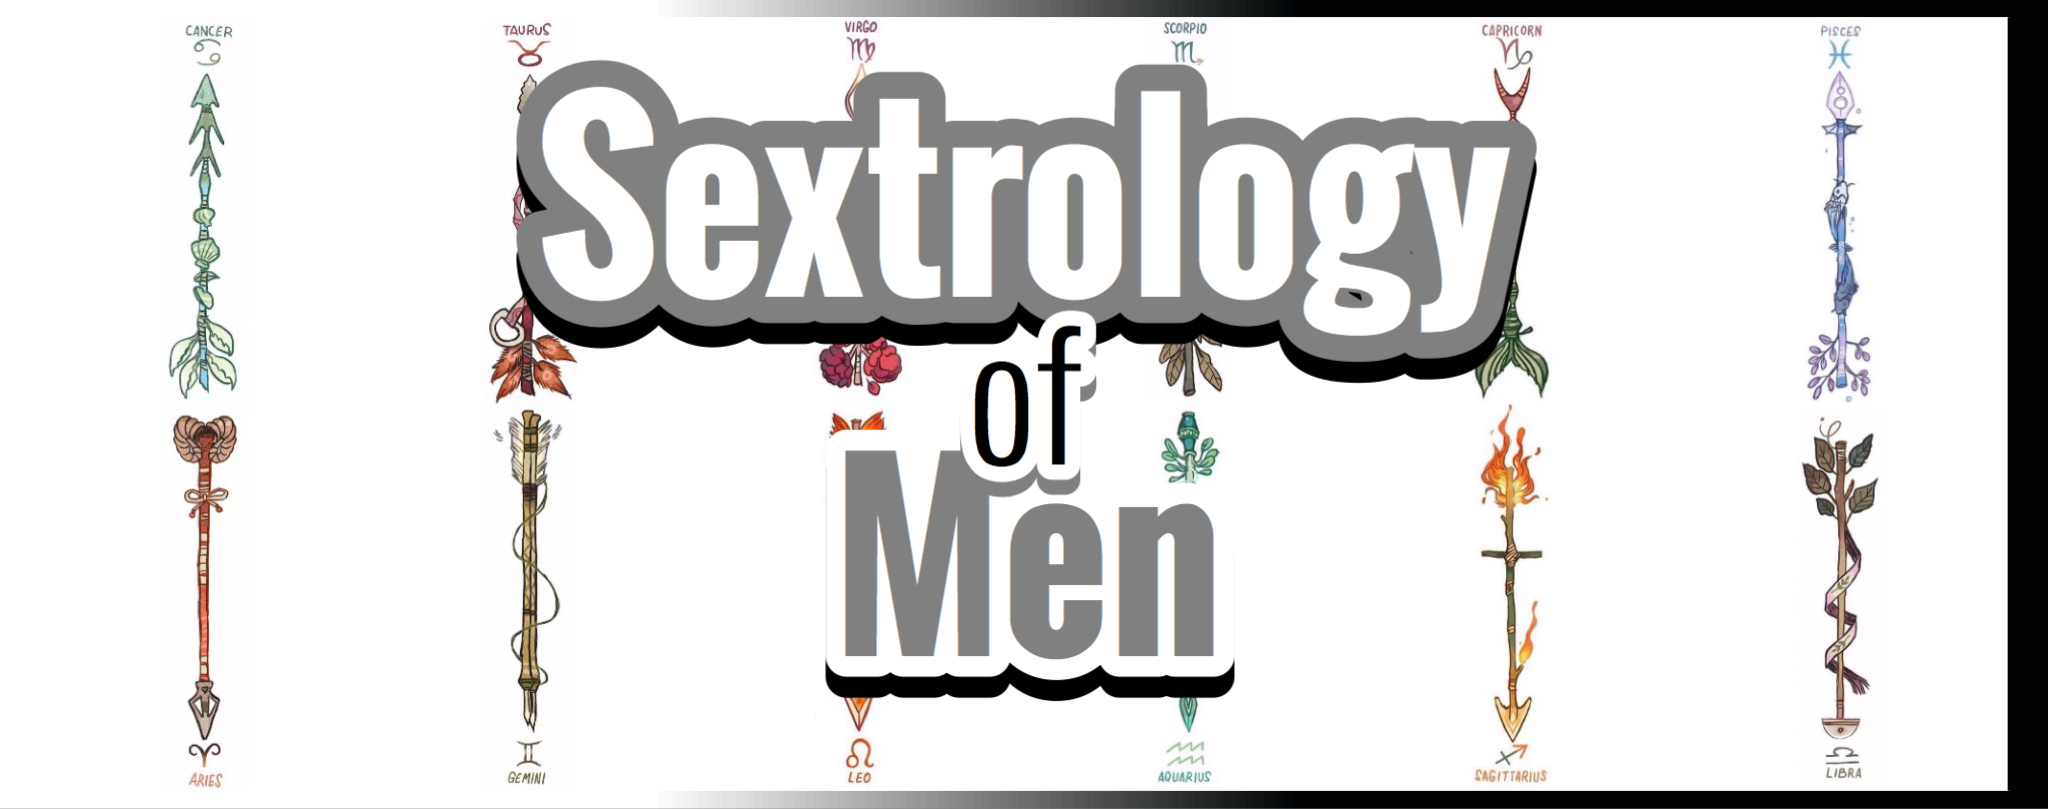 sextrology-men-thumbnail.JPG